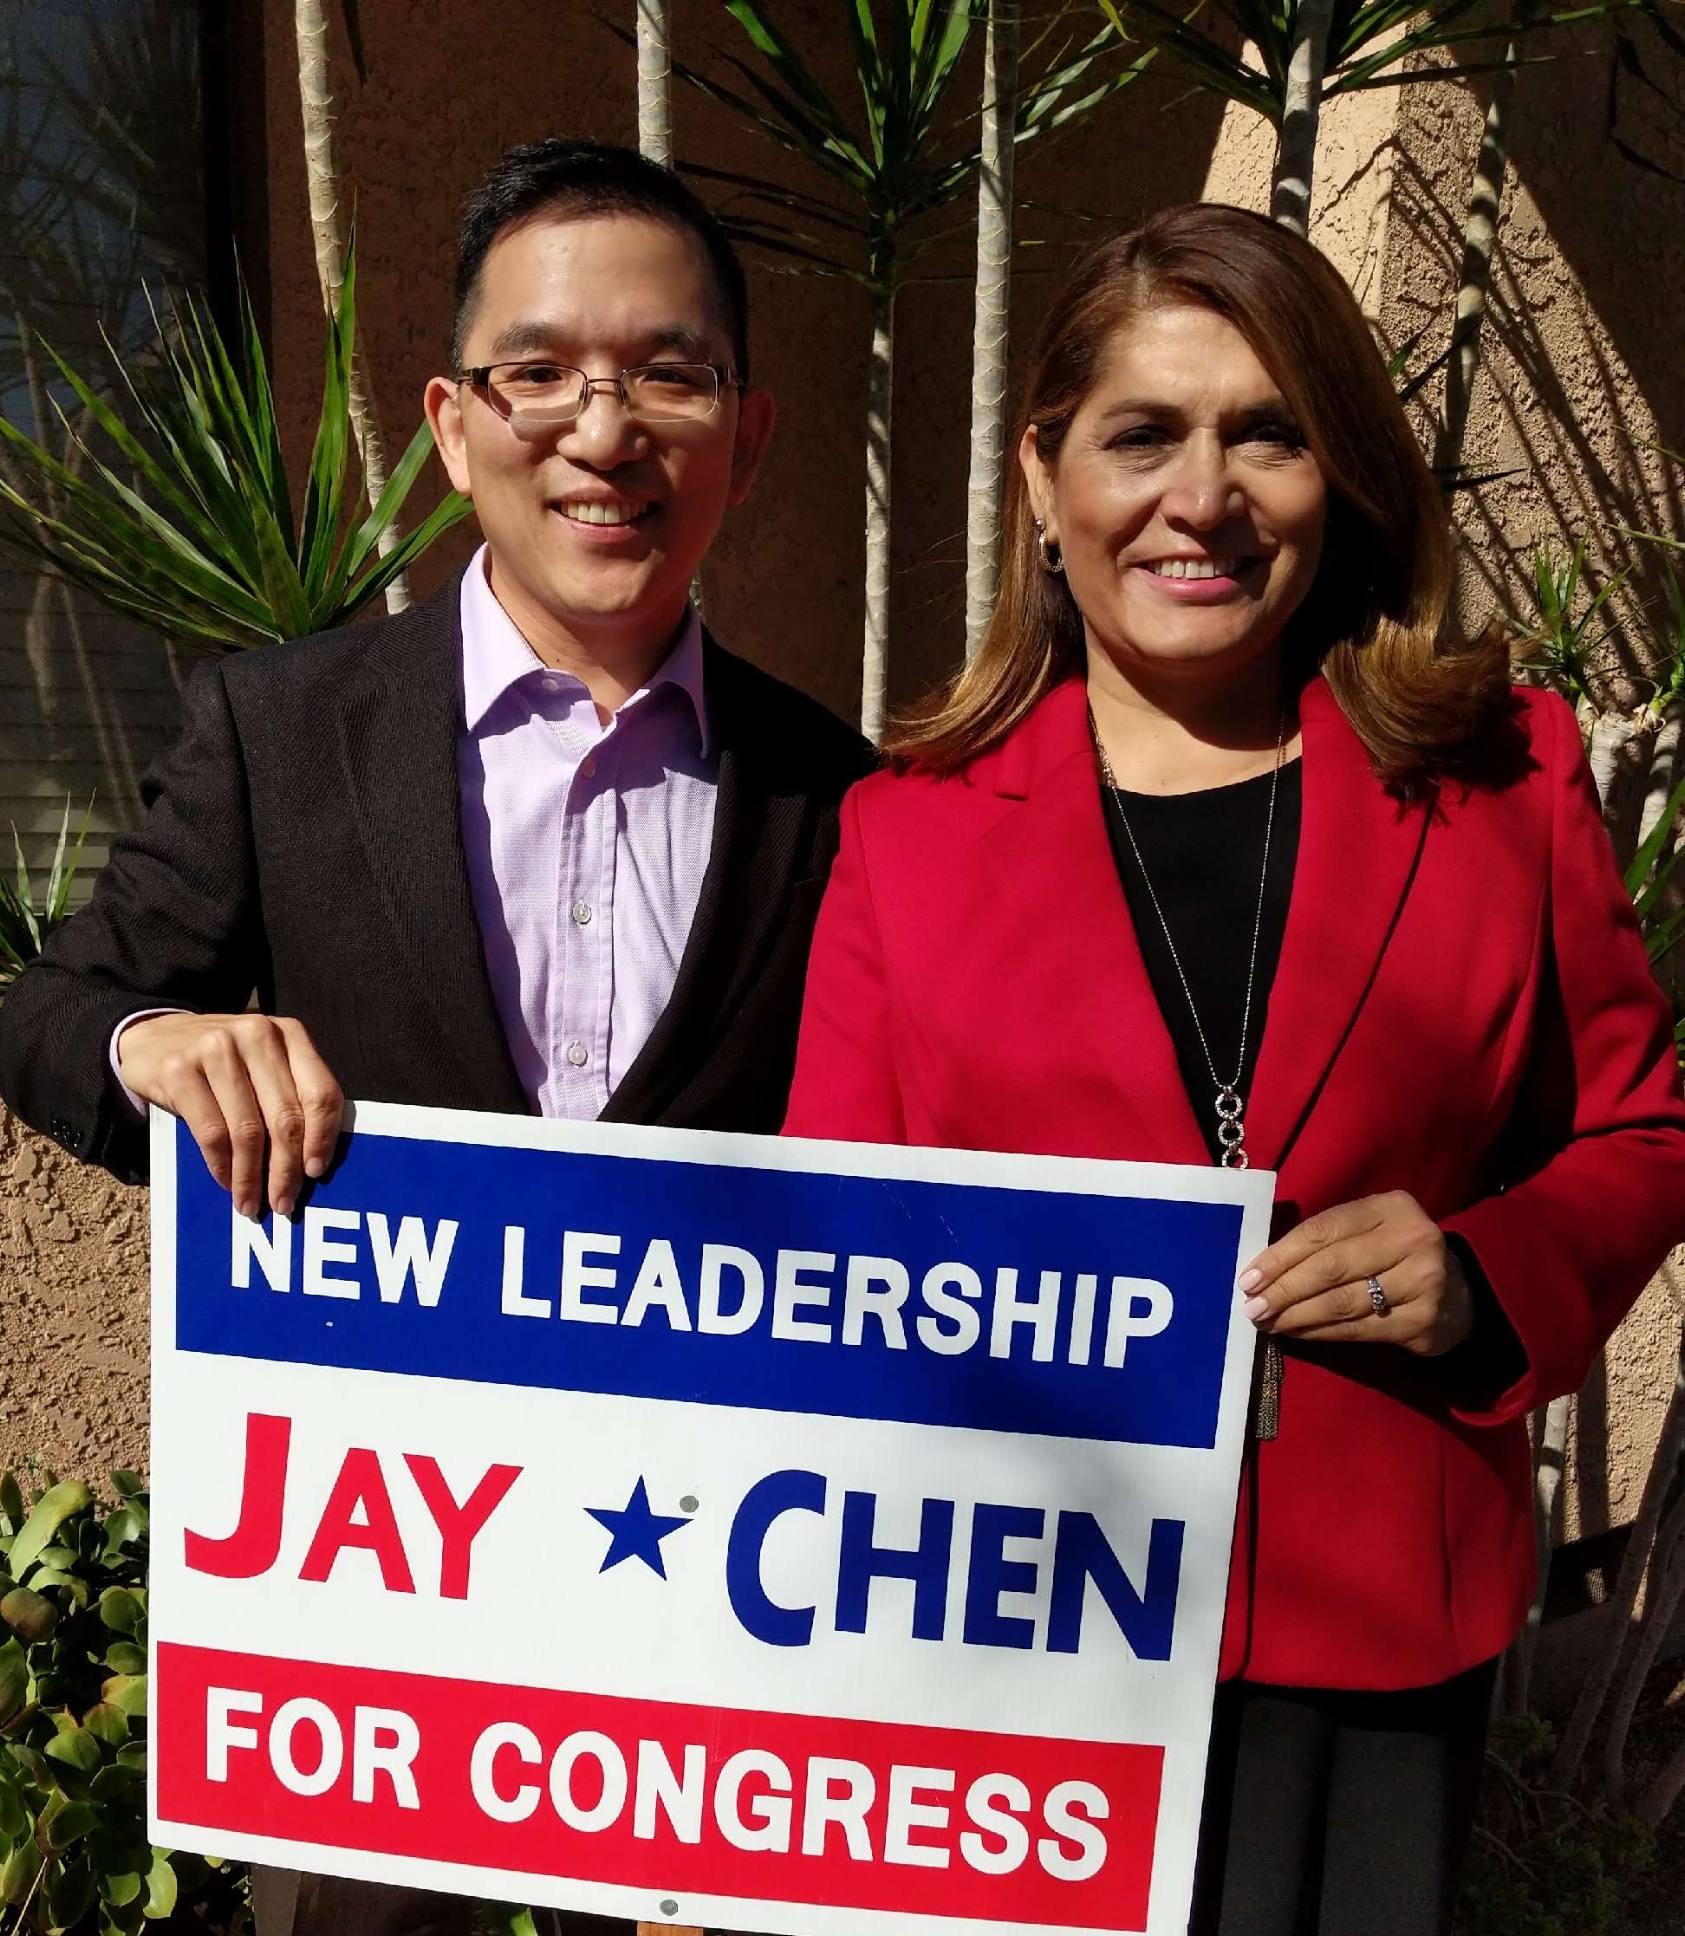 陳介飛與加州女眾議員絲薇爾(右)合影。(陳介飛提供)